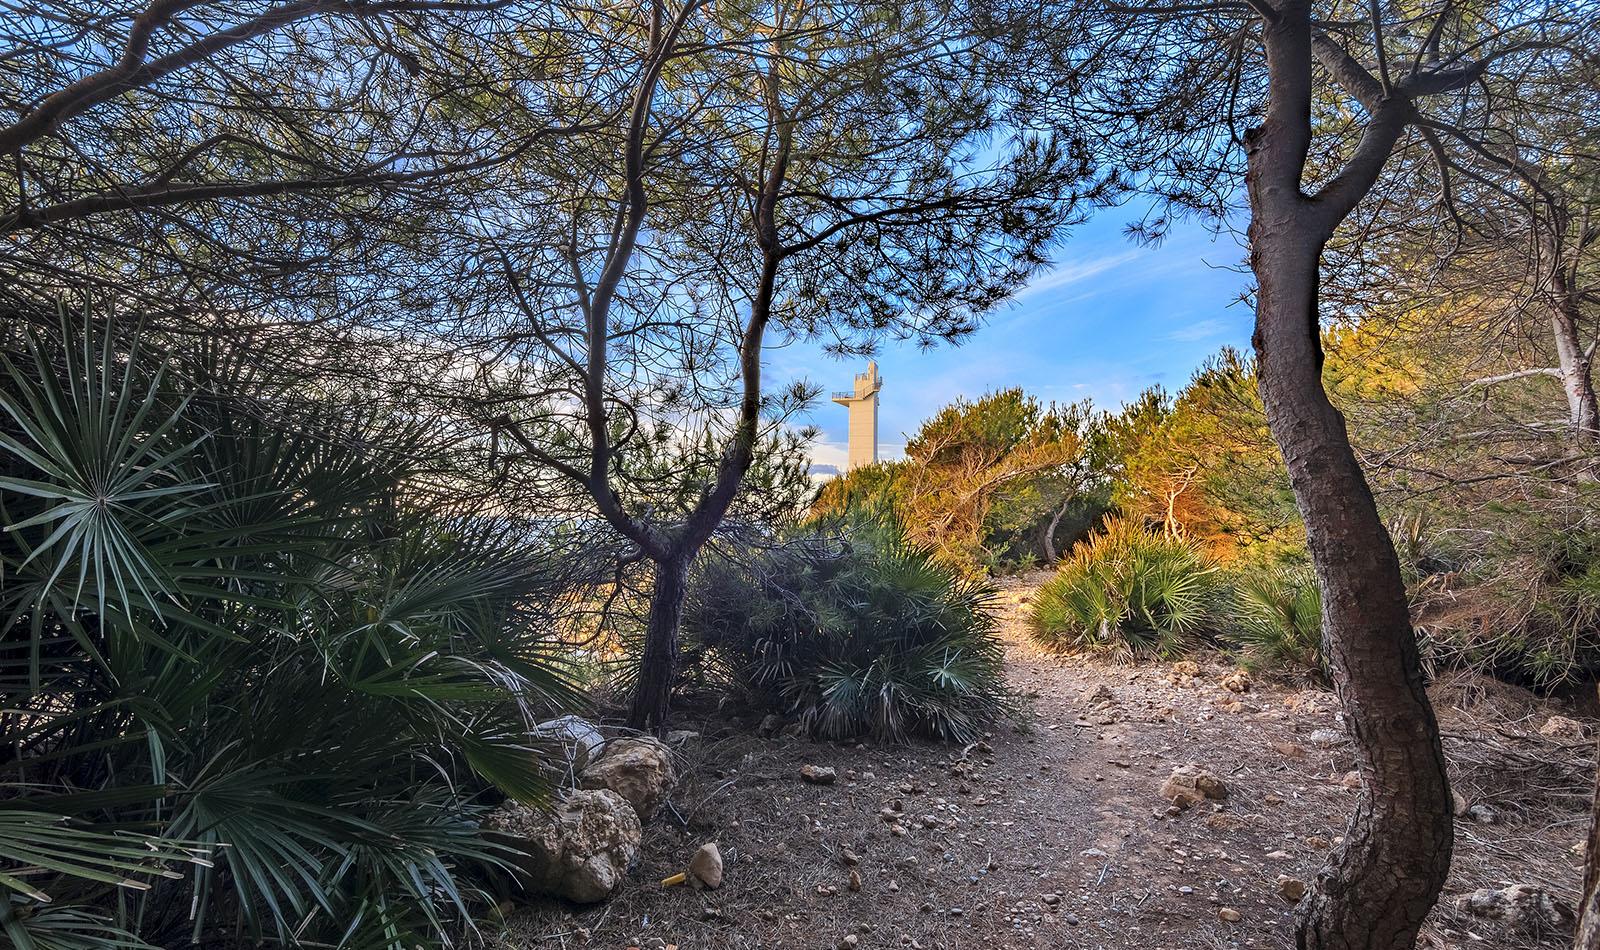 Turismo-Alcossebre-Cala-Mundina-Sierra-Irta-Alcossebre